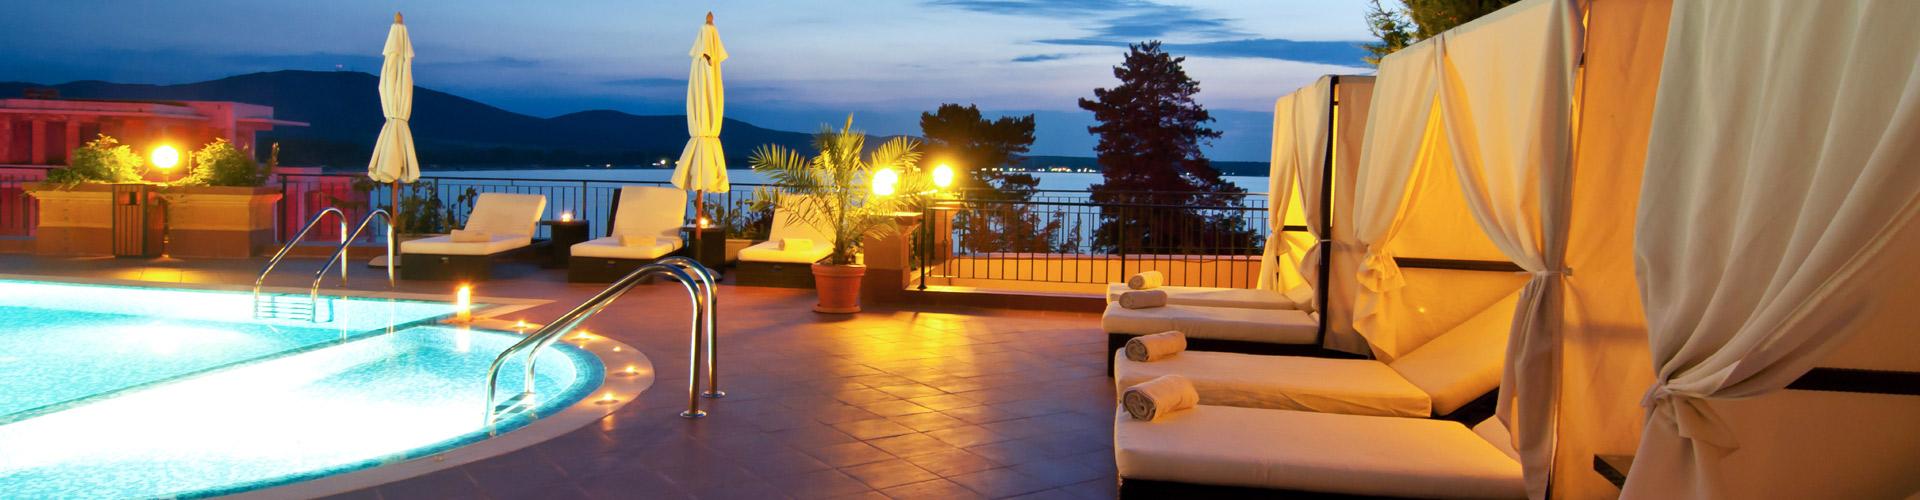 luxusurlaub1